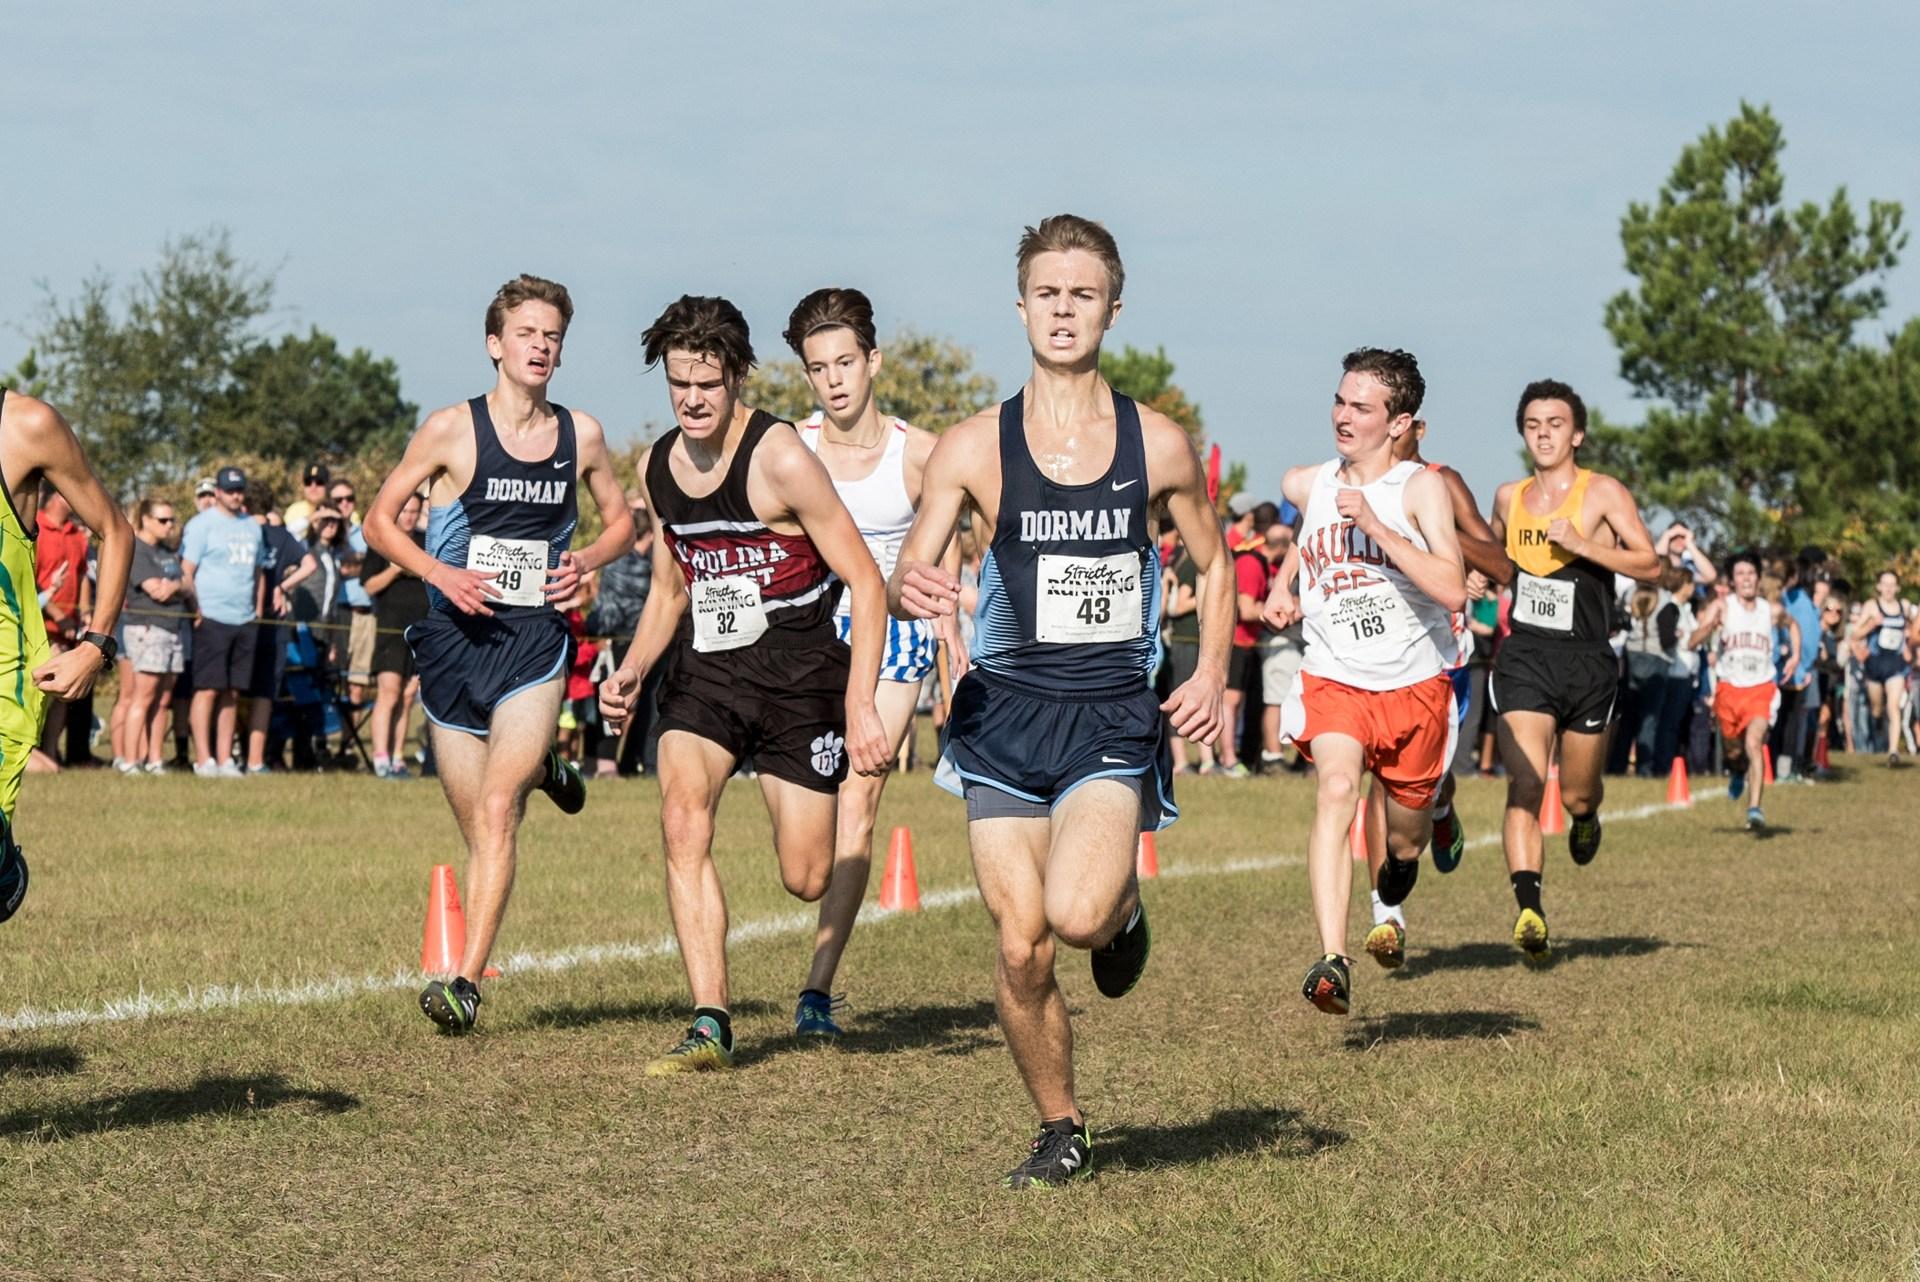 Dorman cross country runner